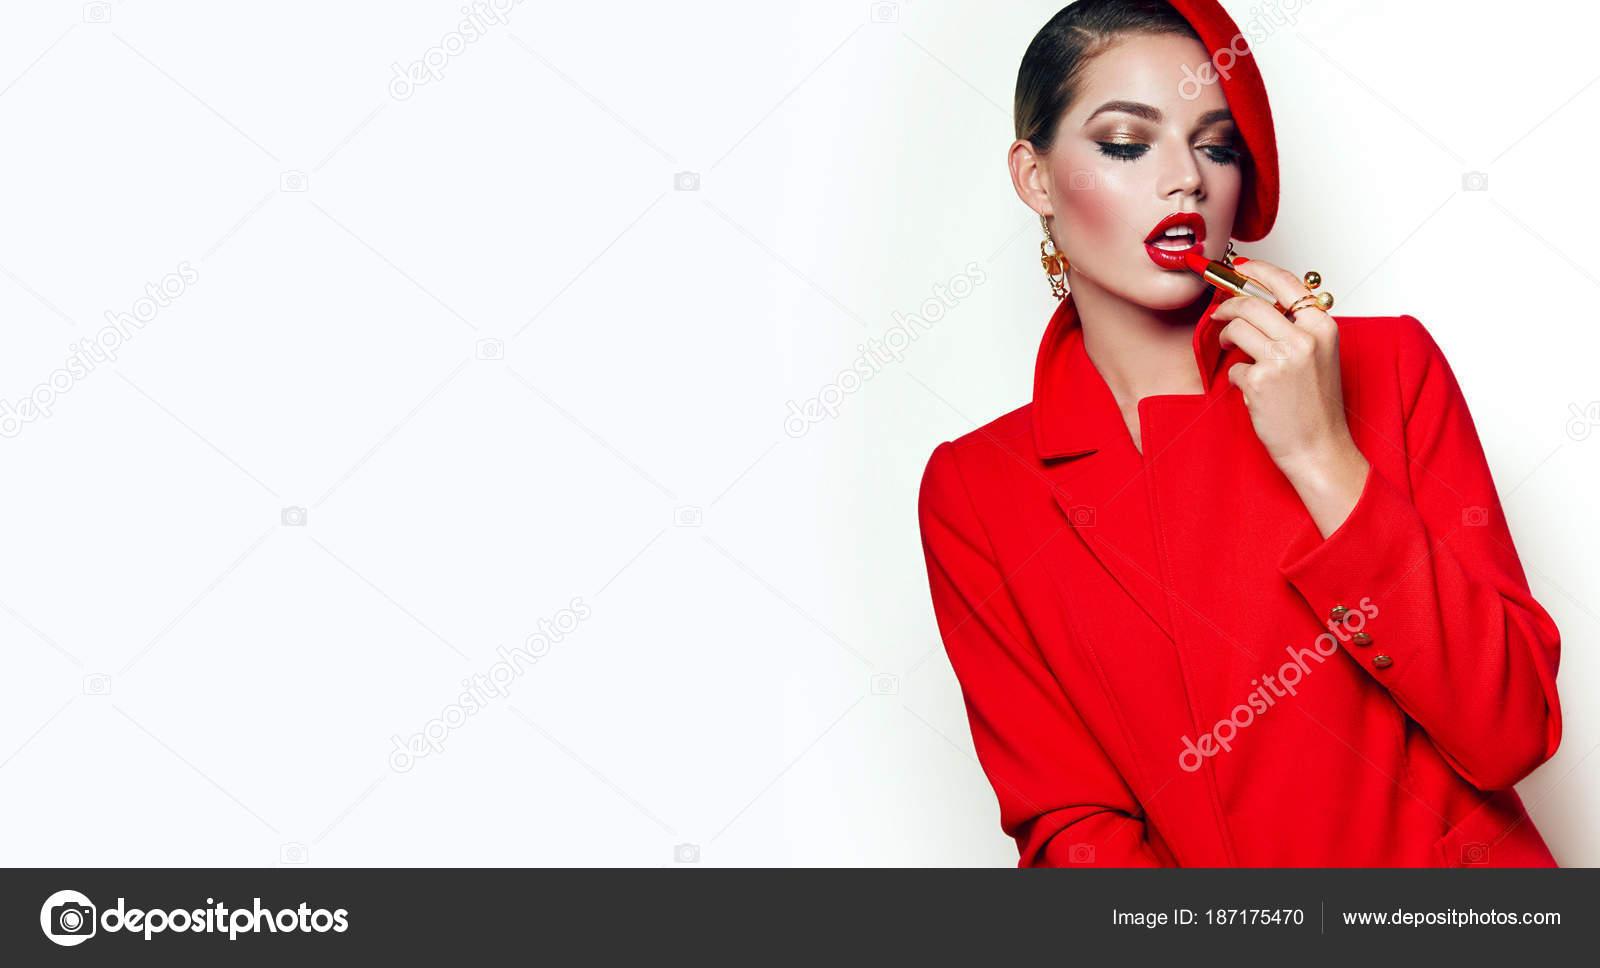 76da1efd39c Όμορφη Νεαρή Κοπέλα Ένα Κόκκινο Σακάκι Μπουφάν Και Κόκκινο Μπερέ ...